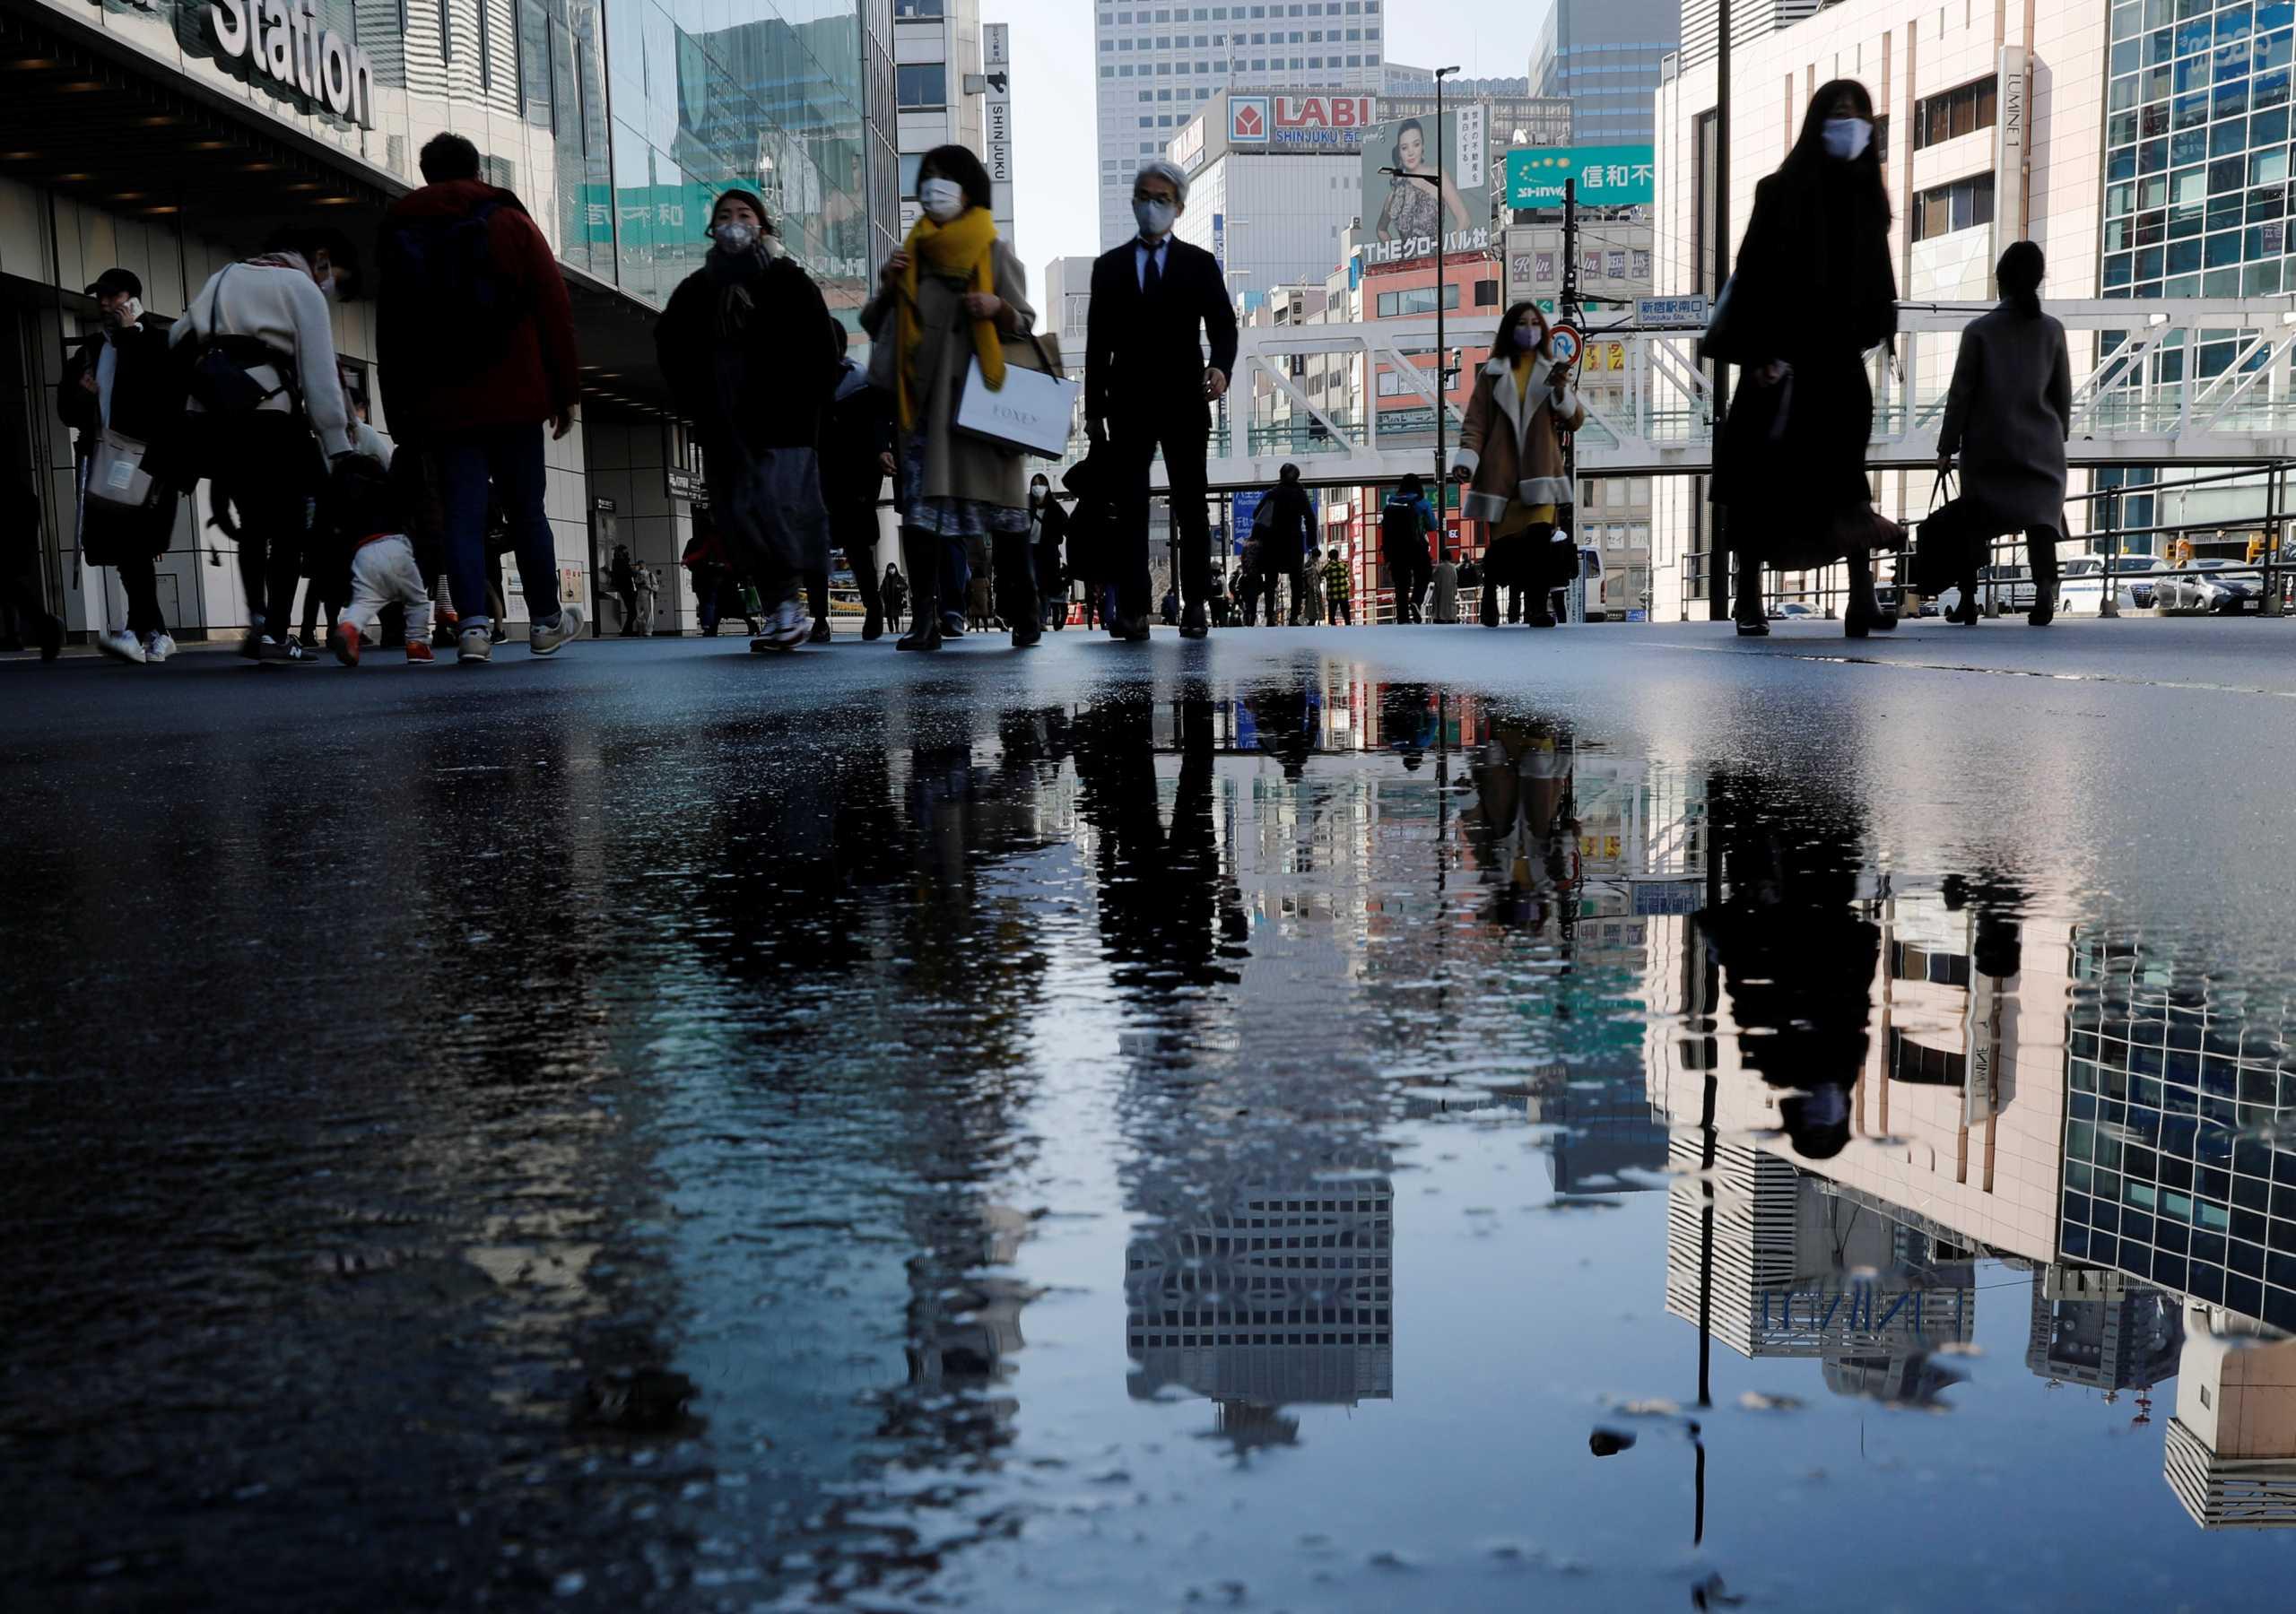 Κορονοϊός: Η Ιαπωνία παρατείνει την κατάσταση έκτακτης ανάγκης λόγω της πανδημίας